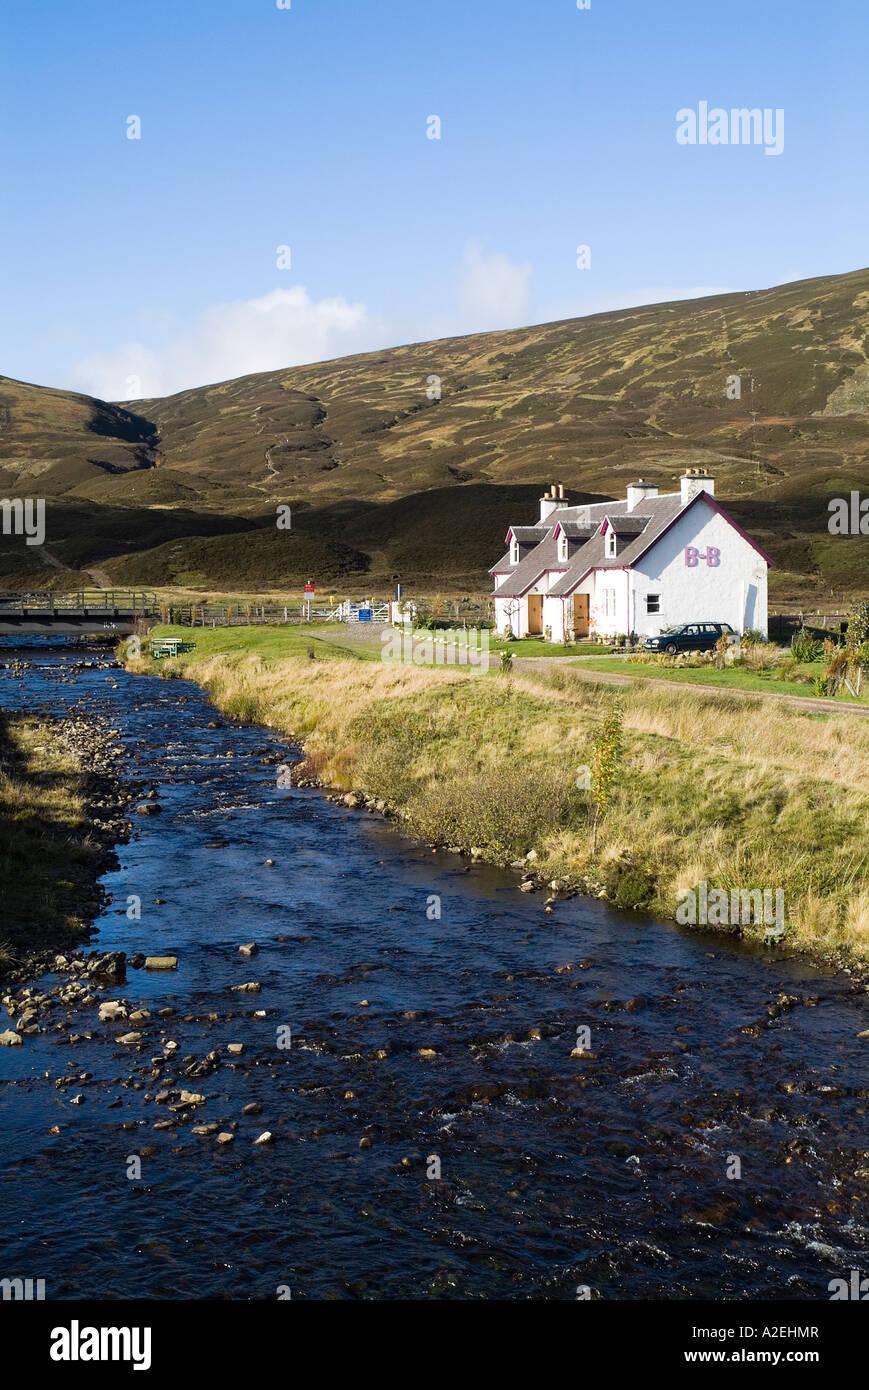 dh BALSPORRAN INVERNESSSHIRE Casa Blanca Escocesa Highland cabañas en glen casa de campo en el río construida aislada remota construcción rural escocia Foto de stock